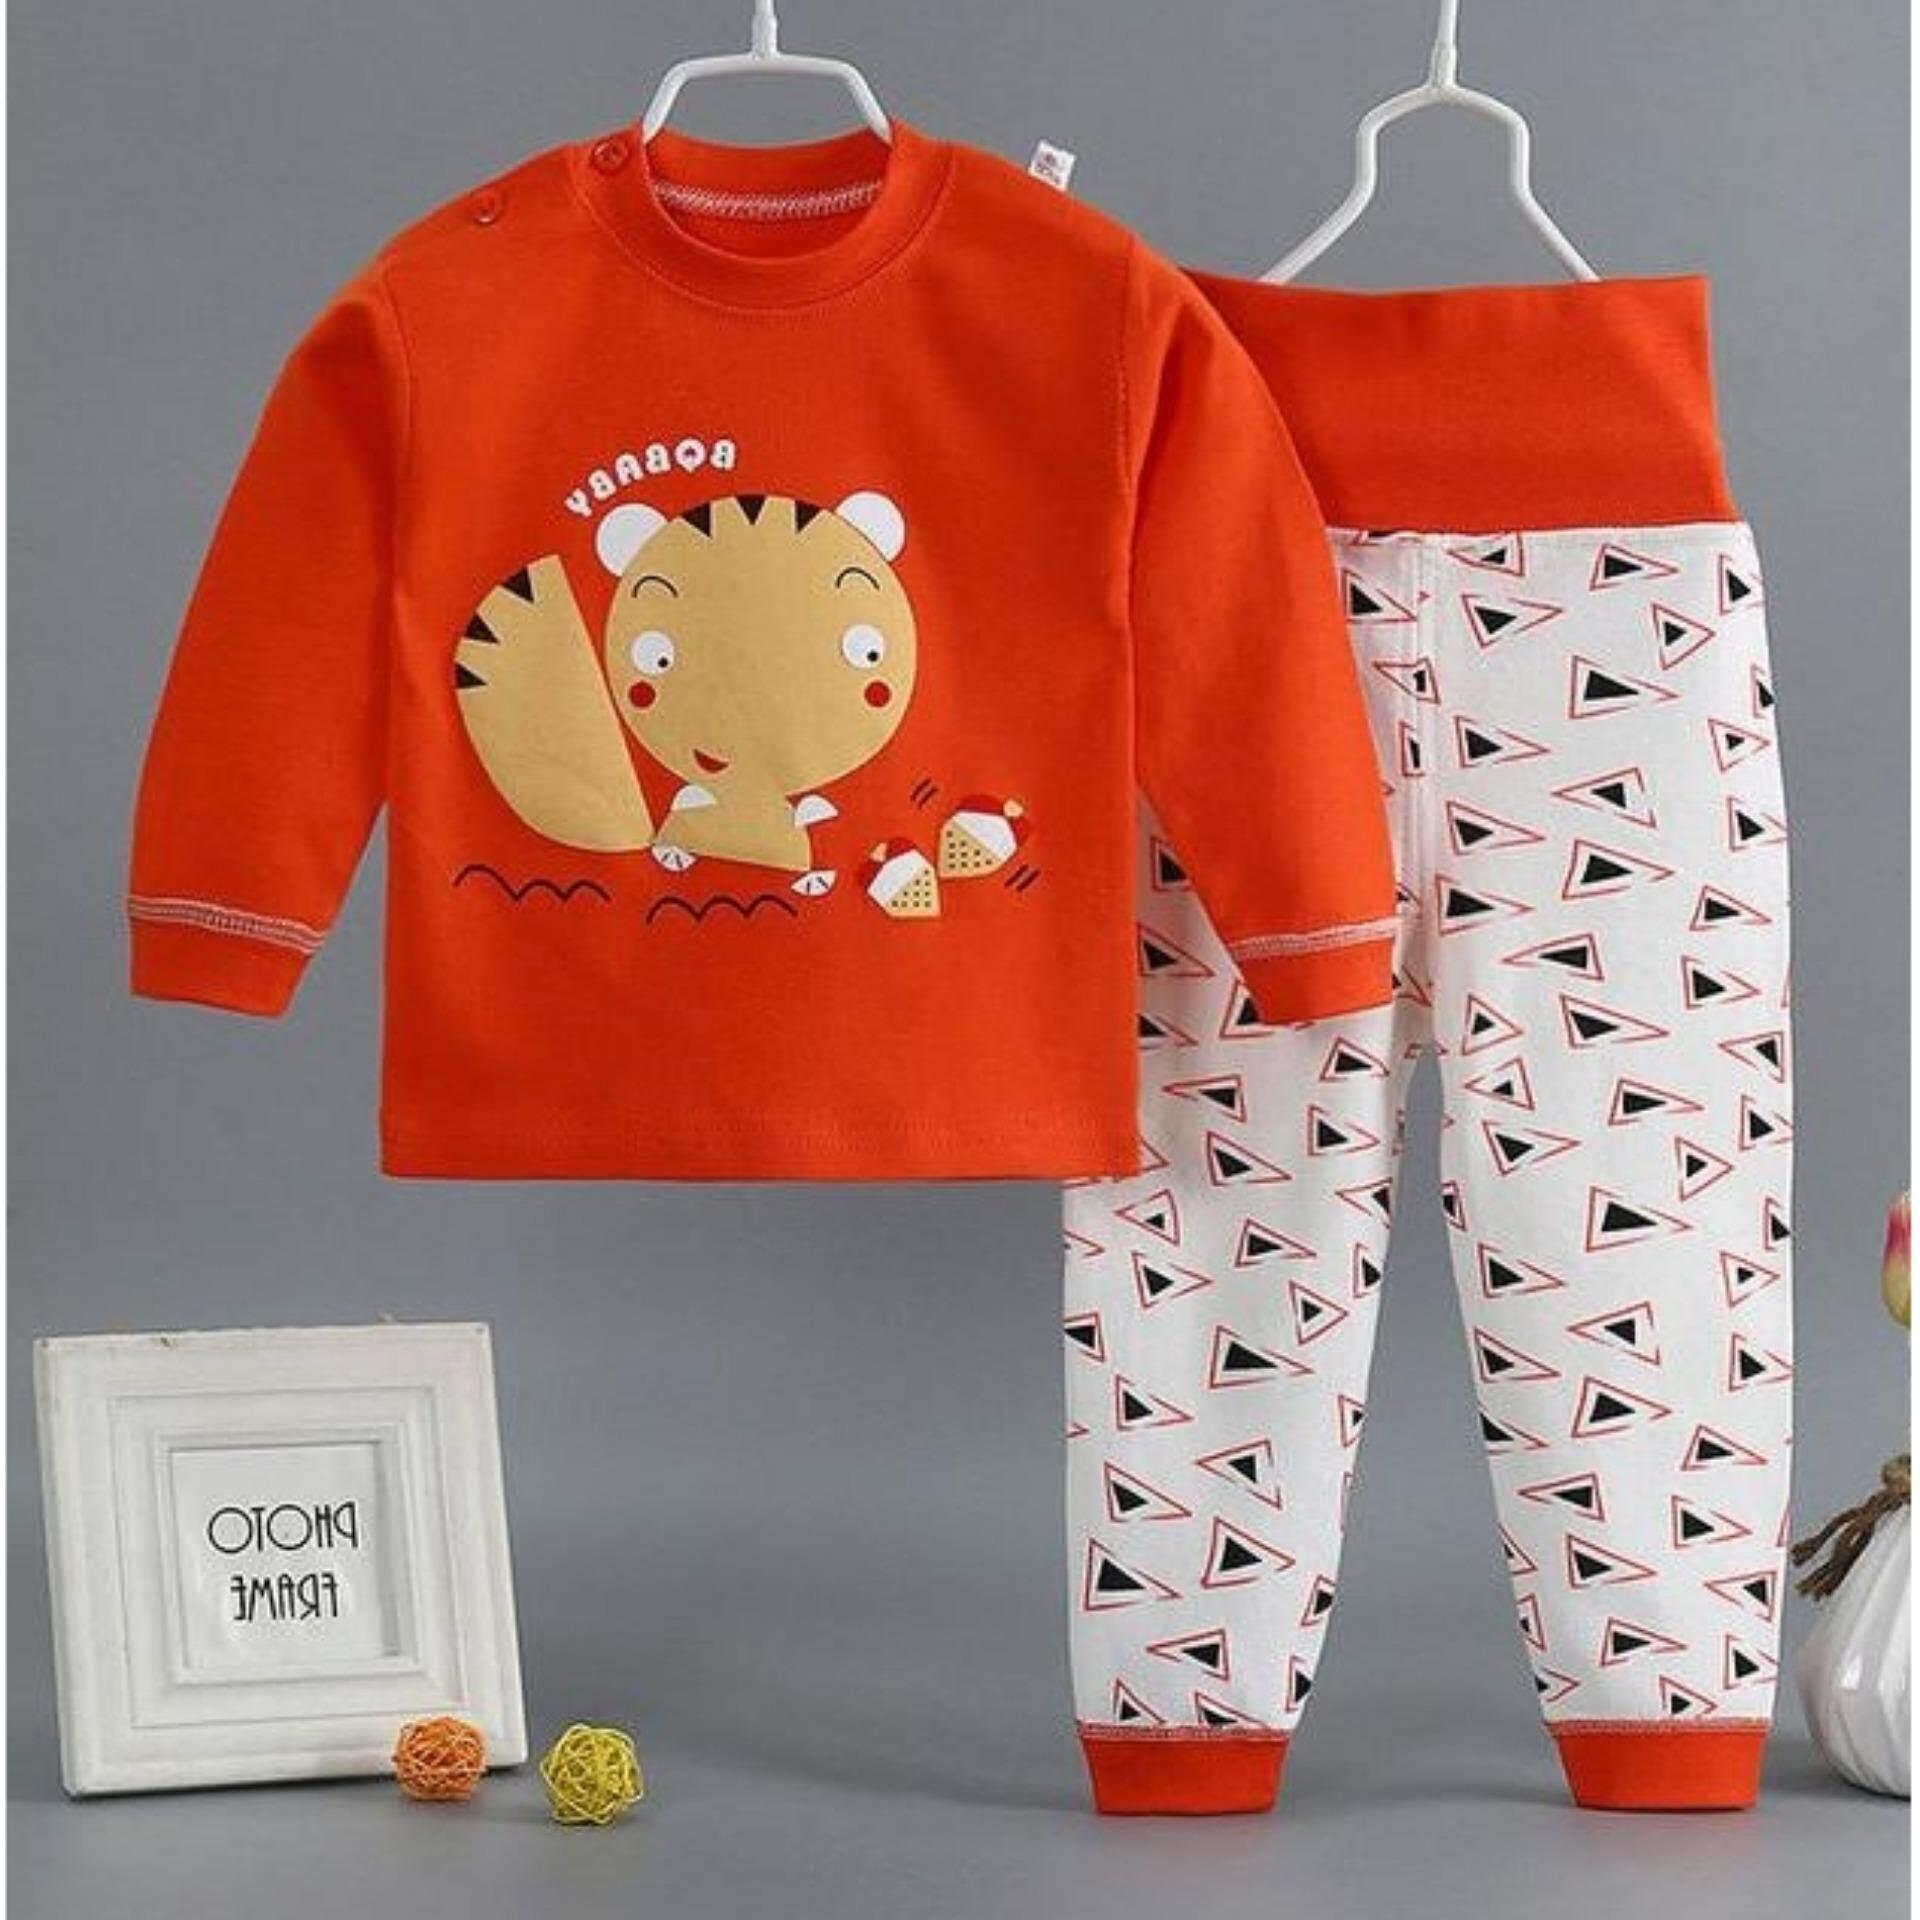 เสื้อแขนยาว+กางเกงแขนยาว ลายการ์ตูนสุดน่ารัก Kids Clothes ผ้านุ่มใส่สบาย ไซส์ 70-140 ซม./6 เดือน-10 ปี By Pae Kids Shop.